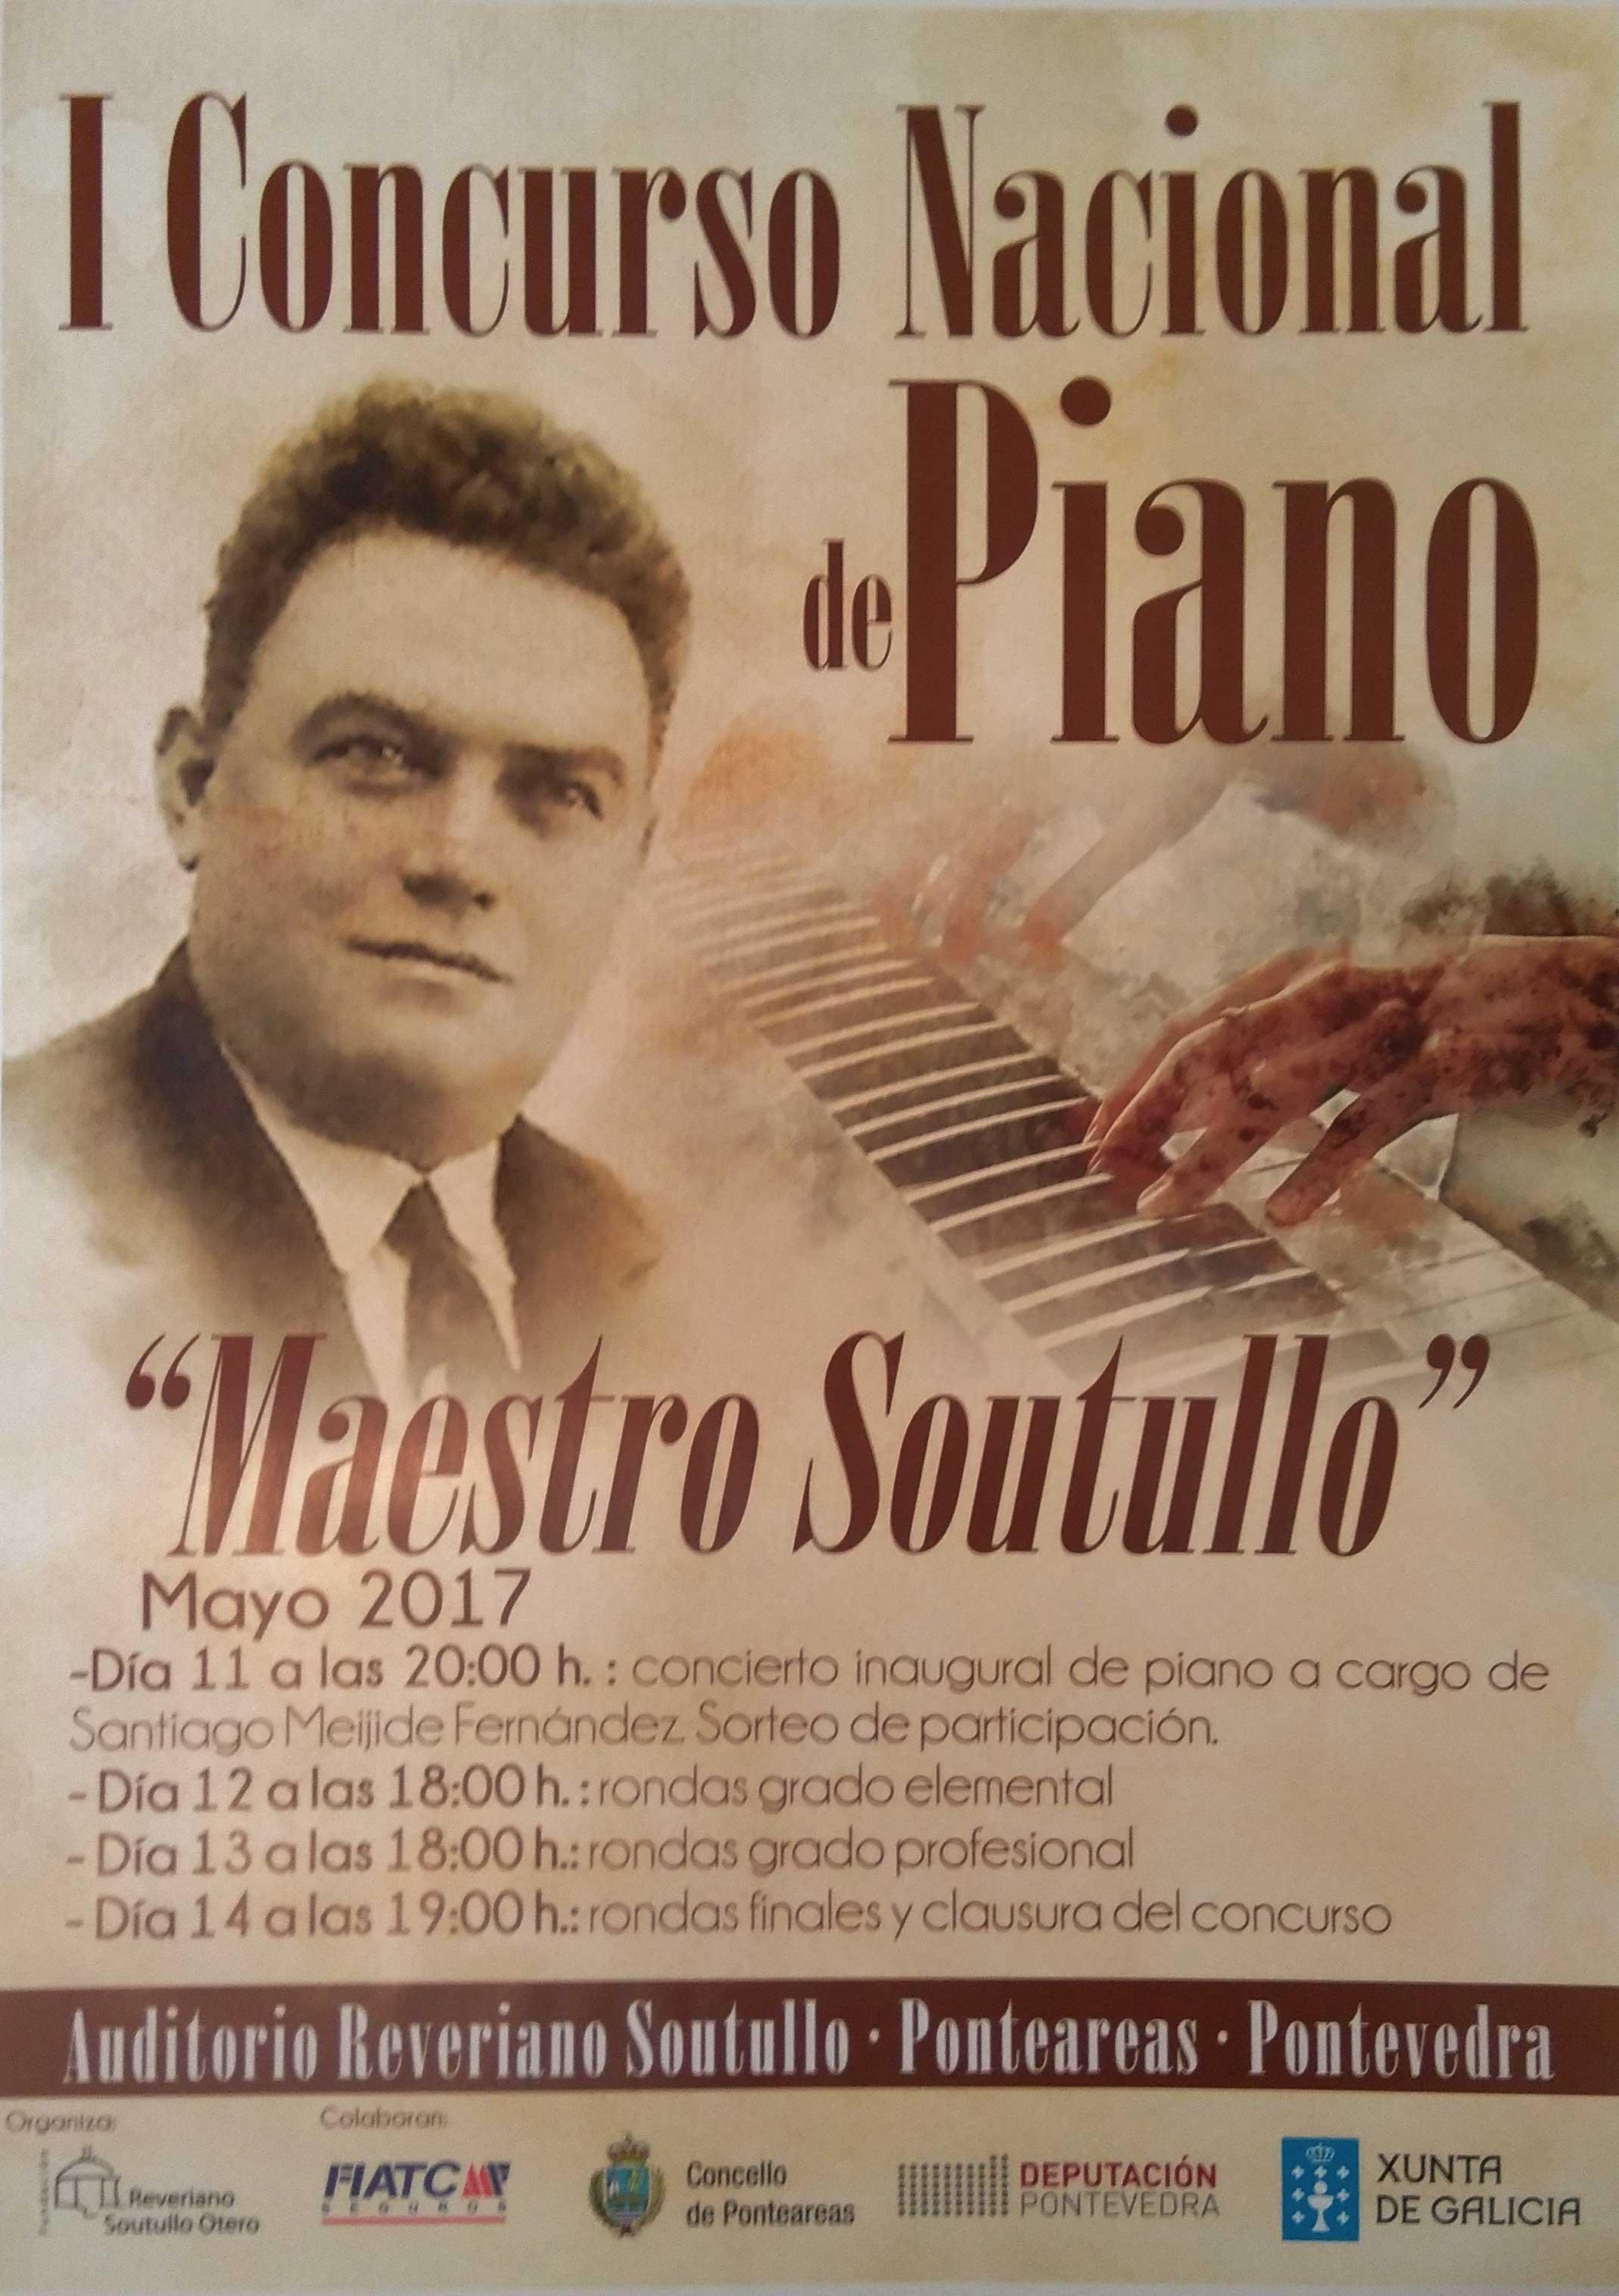 Concurso De Piano Maestro Soutullo 2017